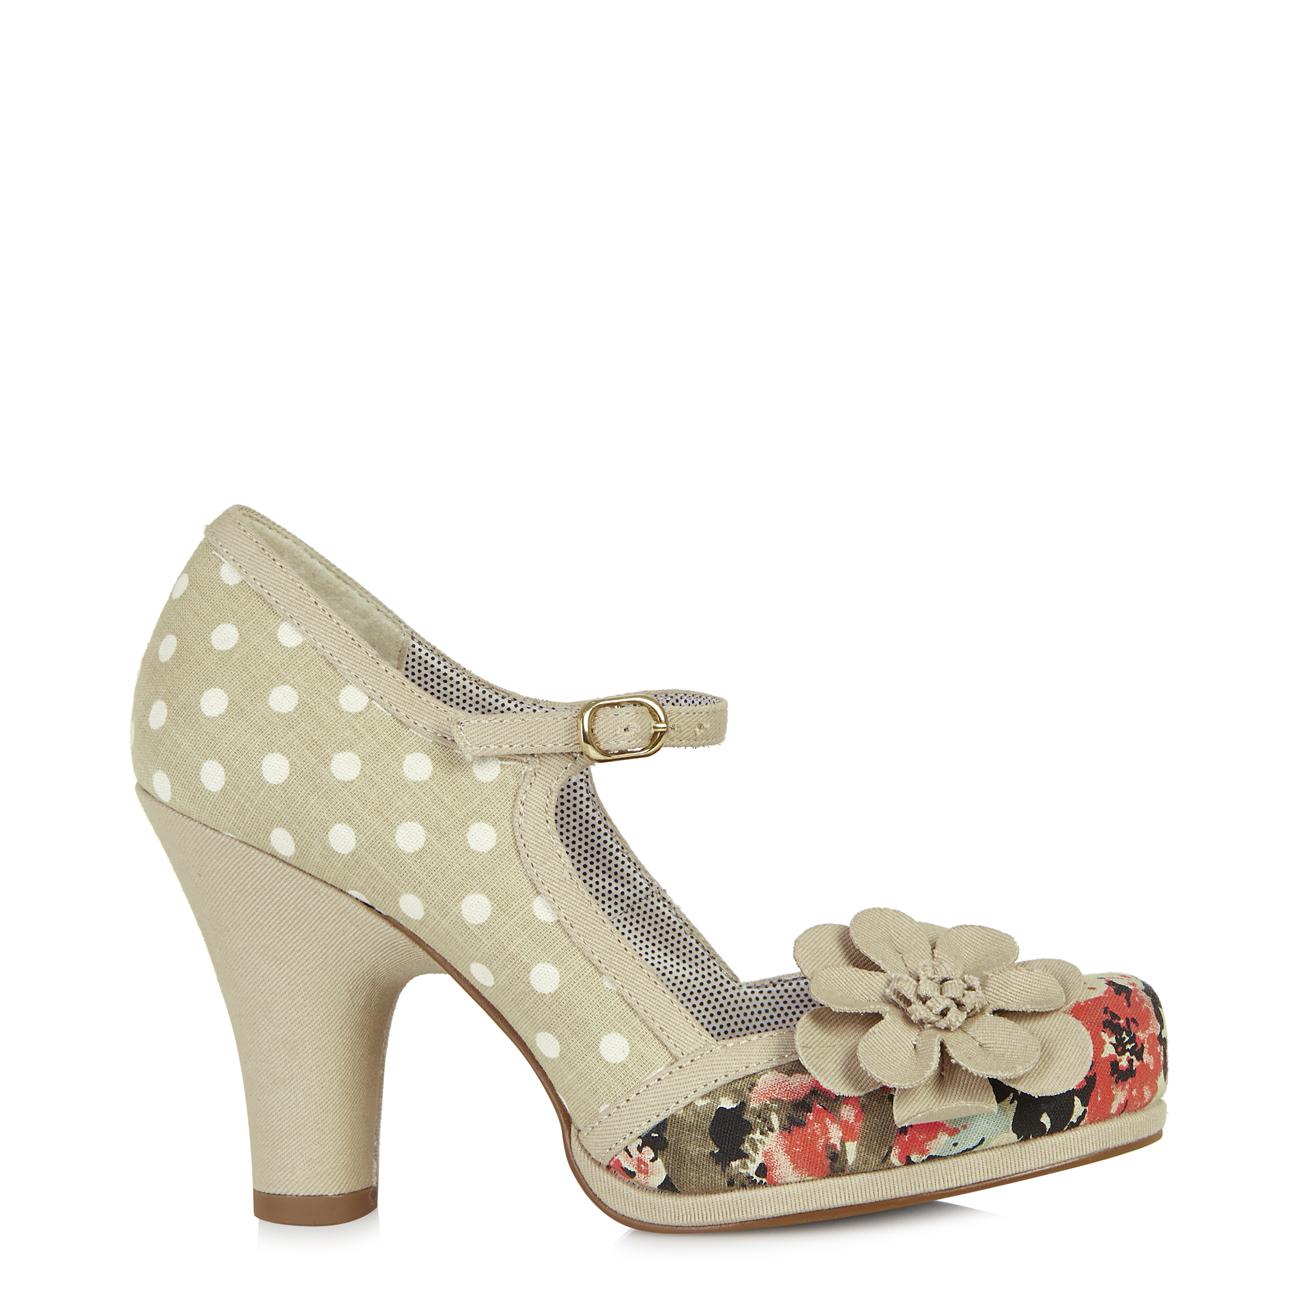 Ruby Shoo Tanya Womens High Heeled Beige Shoes UK 5   EU 38 for sale ... 39d154301f